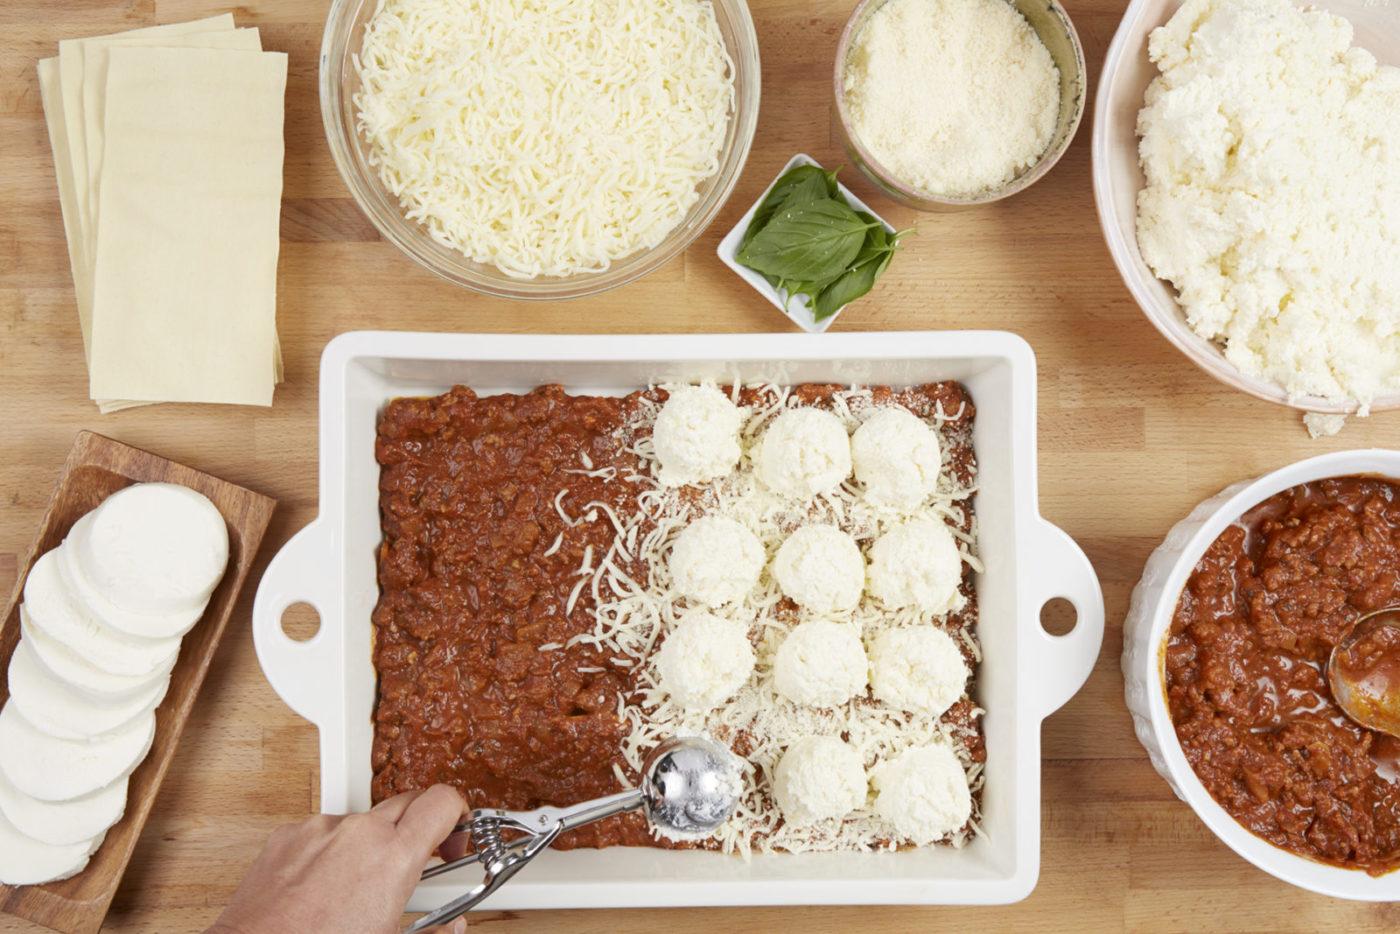 Classic Lasagna Step 2